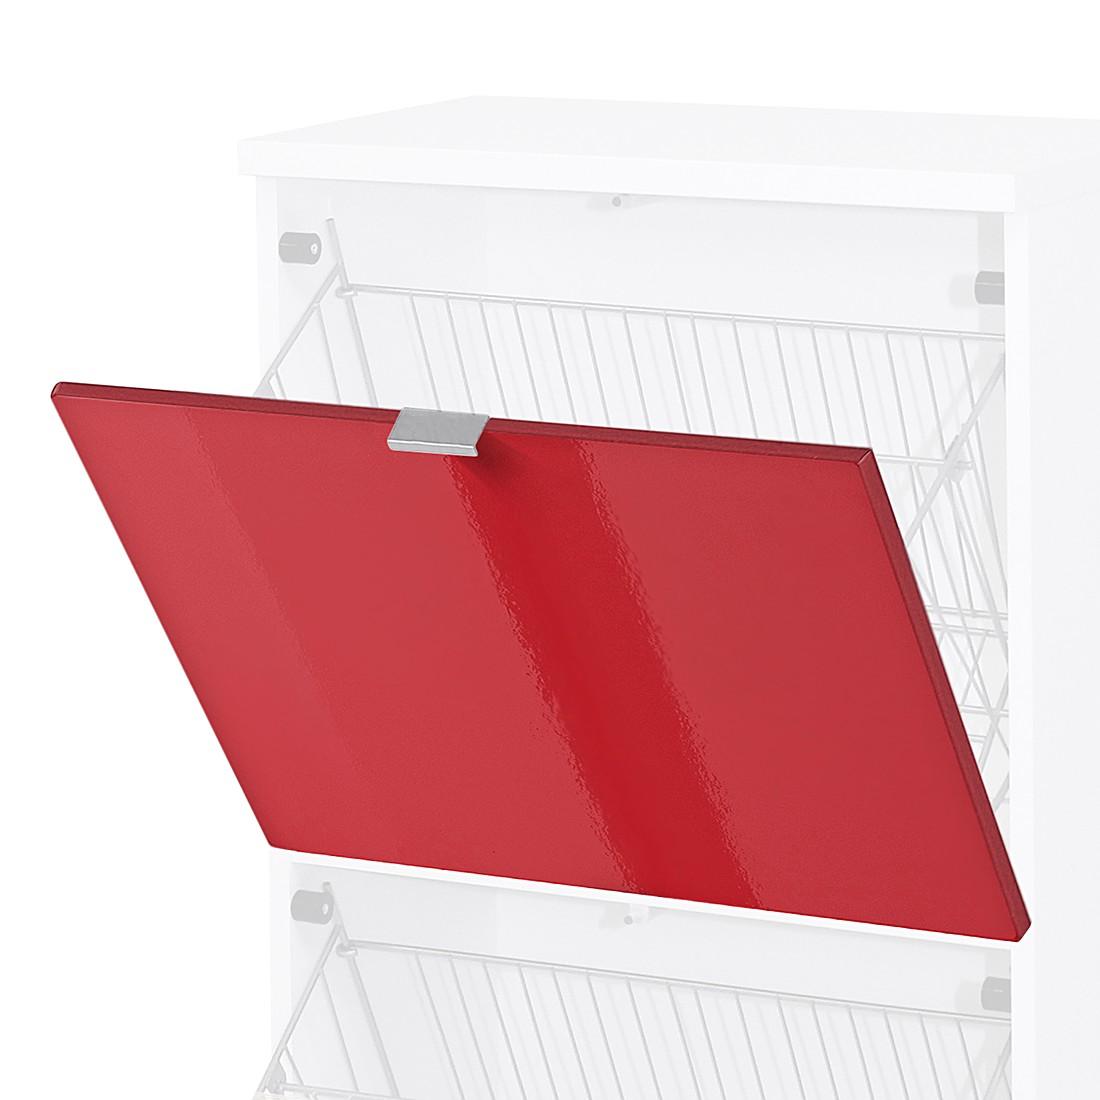 Home 24 - Porte abattante colorado - rouge brillant, top square